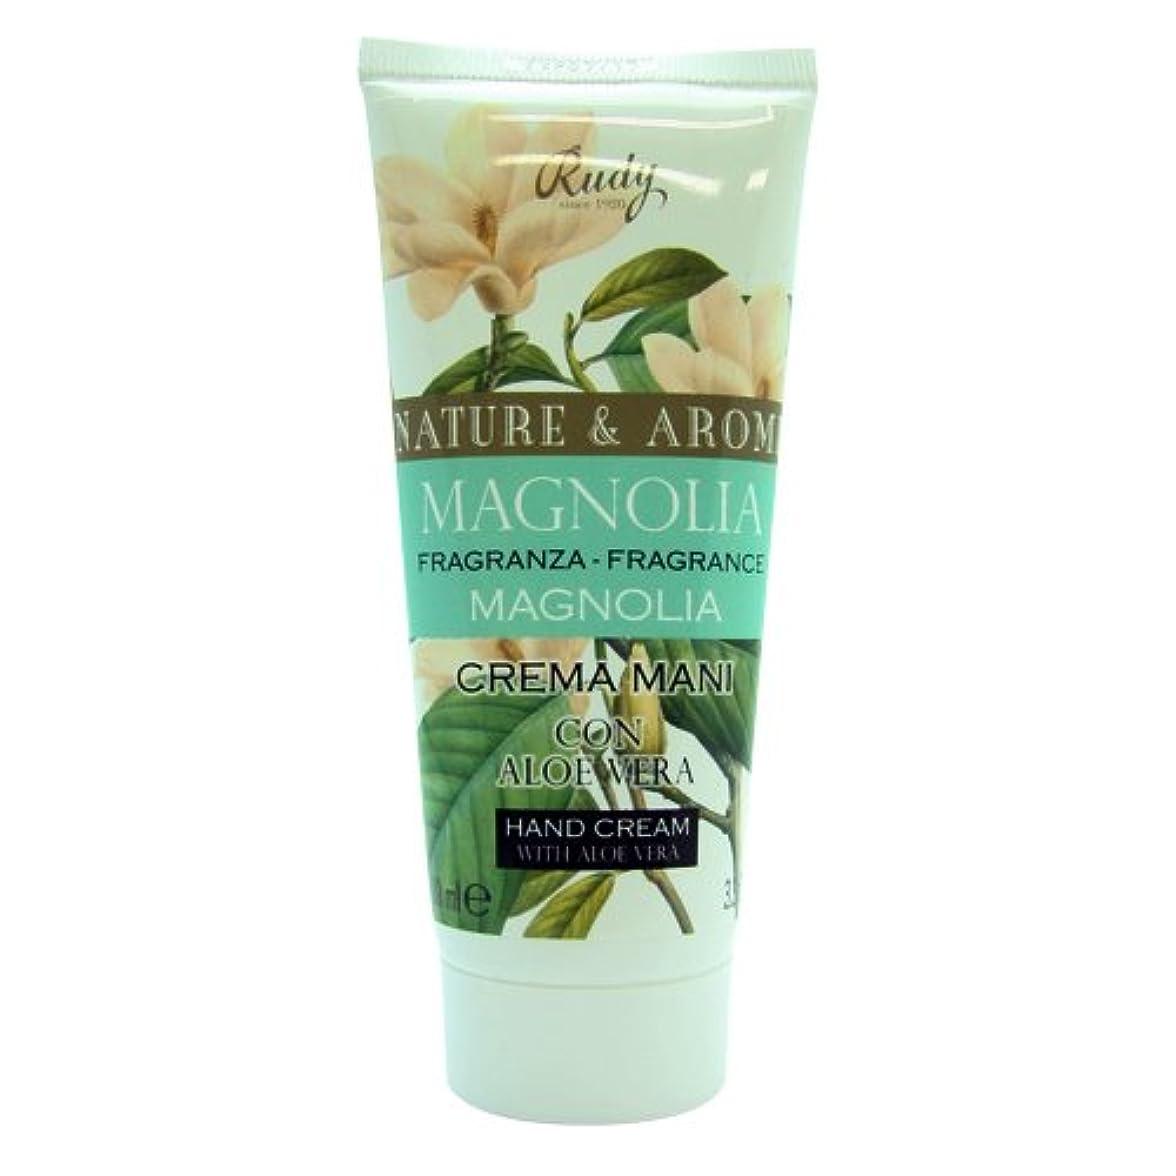 三角形区画店員RUDY Nature&Arome SERIES ルディ ナチュール&アロマ Hand Cream ハンドクリーム  Magnolia マグノリア